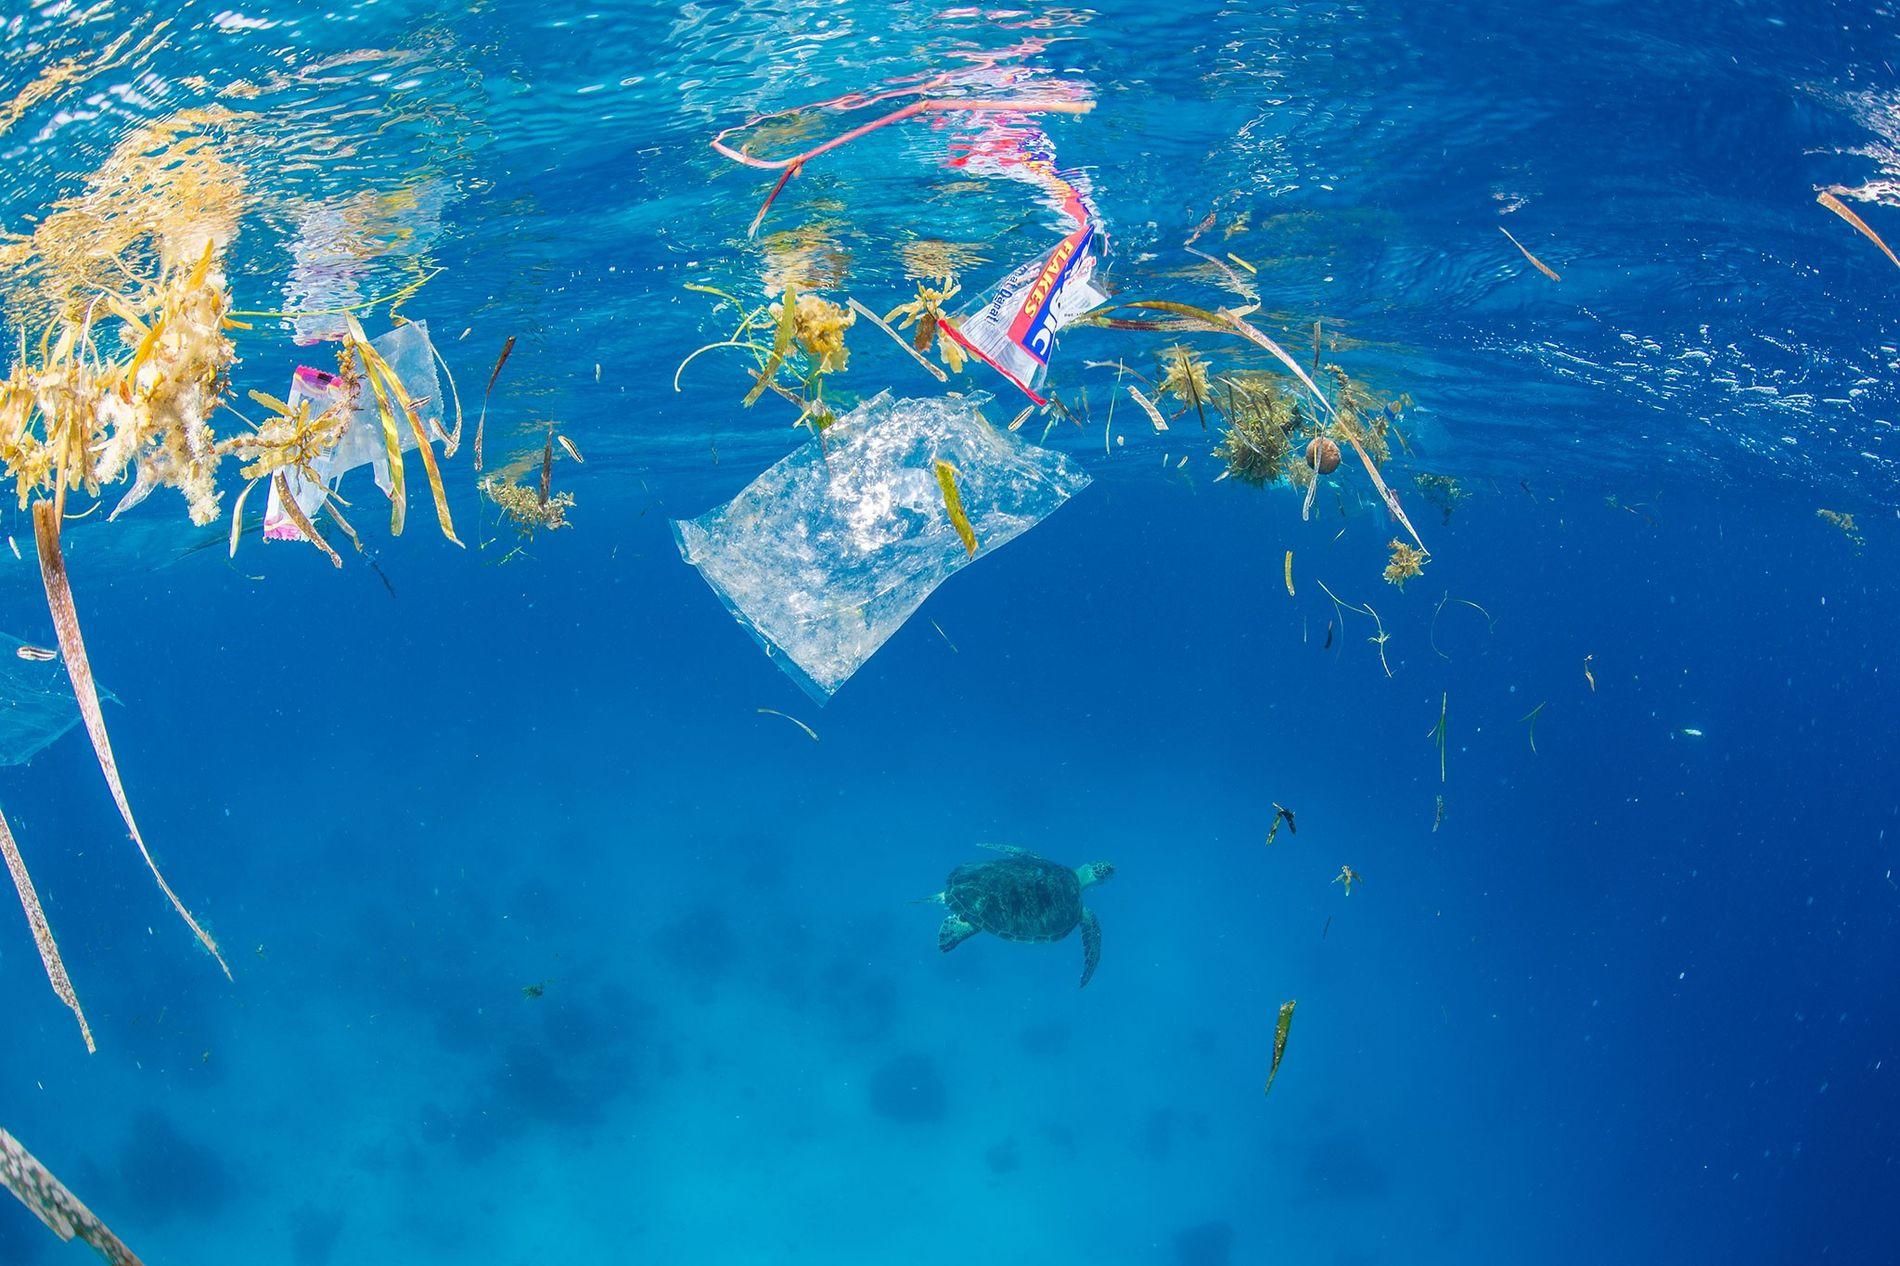 Plastikmüll bedroht weltweit immer mehr Ökosysteme.